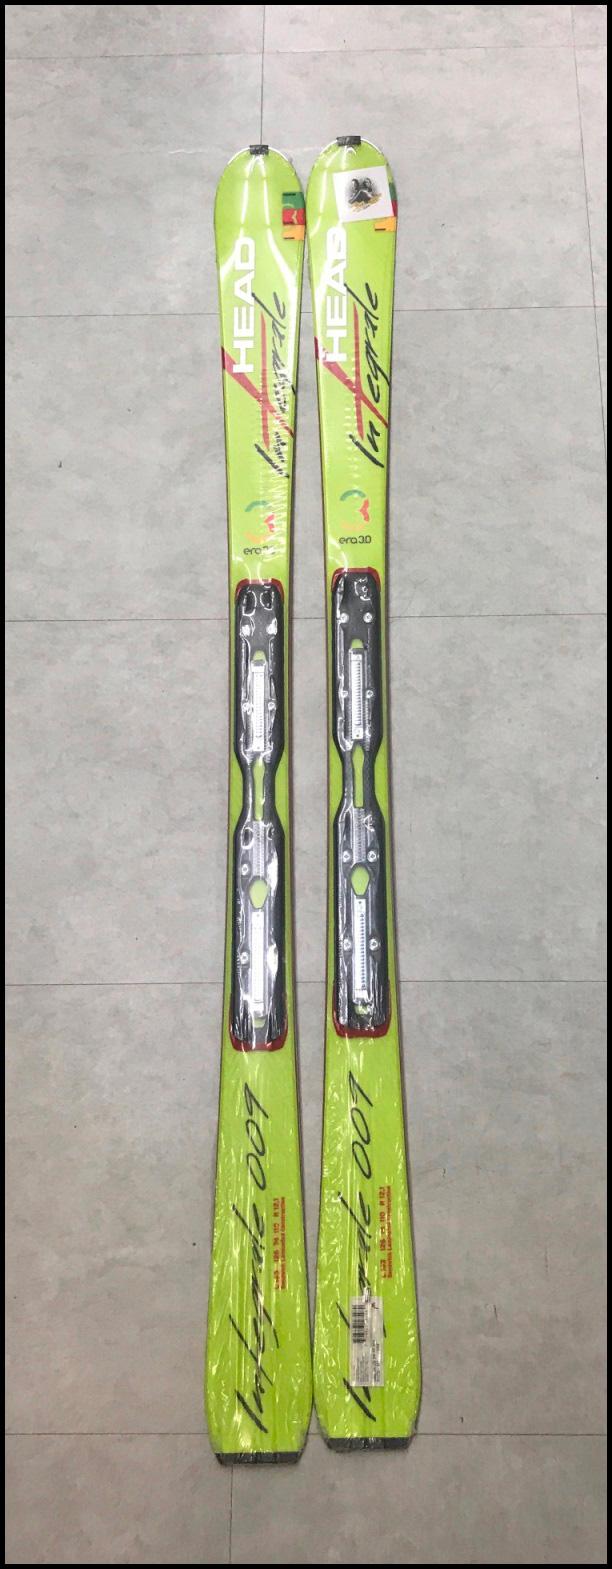 ≪大特価!!≫[☆大特価商品☆]<HEAD>スキー板 インテグラーレ 127-76-117 R=13.2m 170cm